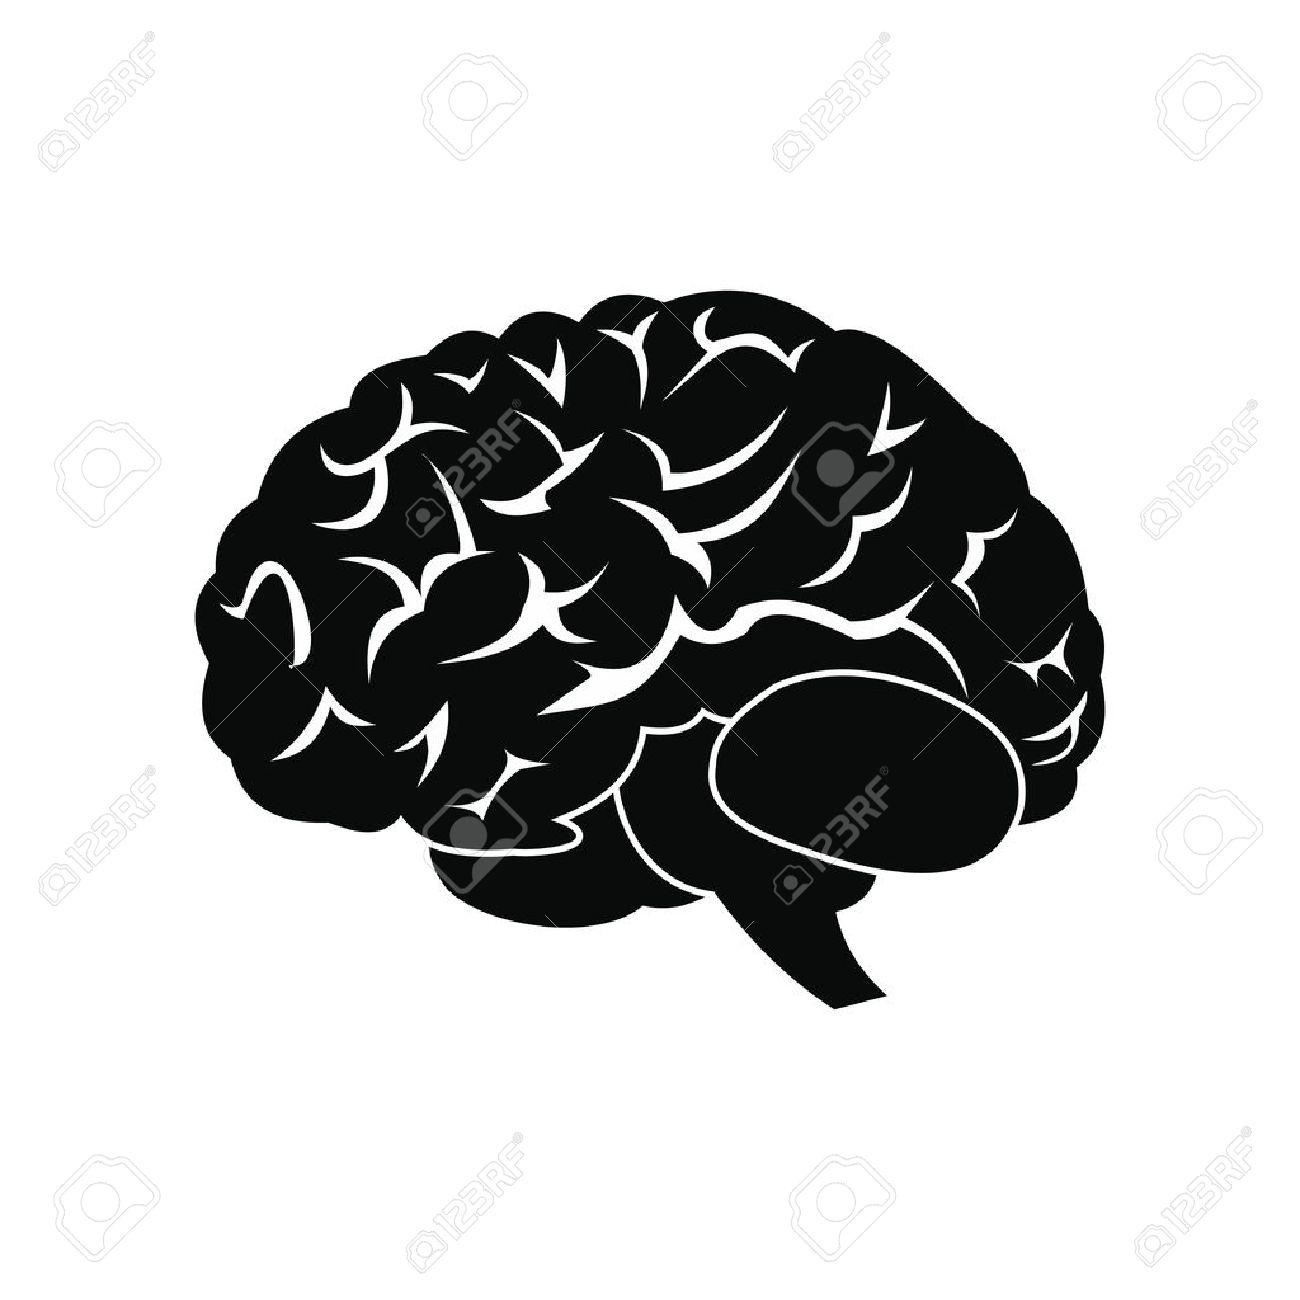 Cerveau humain noir simple icône isolé sur fond blanc Banque d'images - 51642835